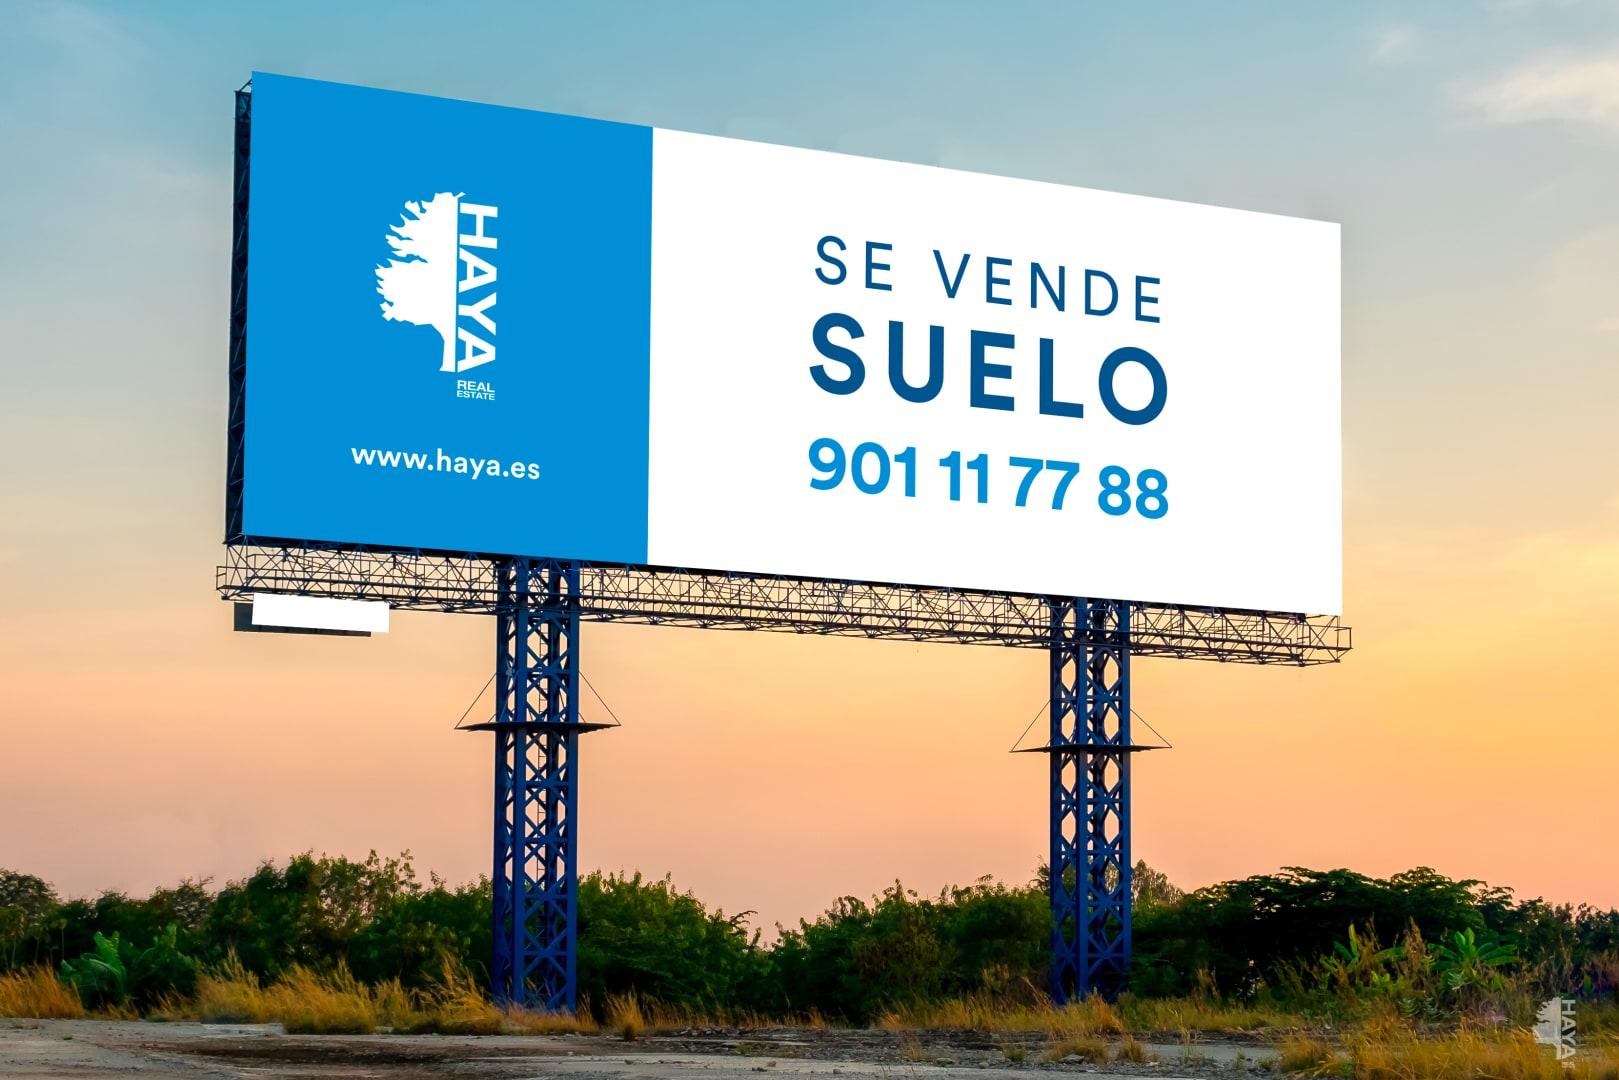 Suelo en venta en Nogales, Badajoz, Calle Valdeladrones Macarro, 67.000 €, 3556600 m2